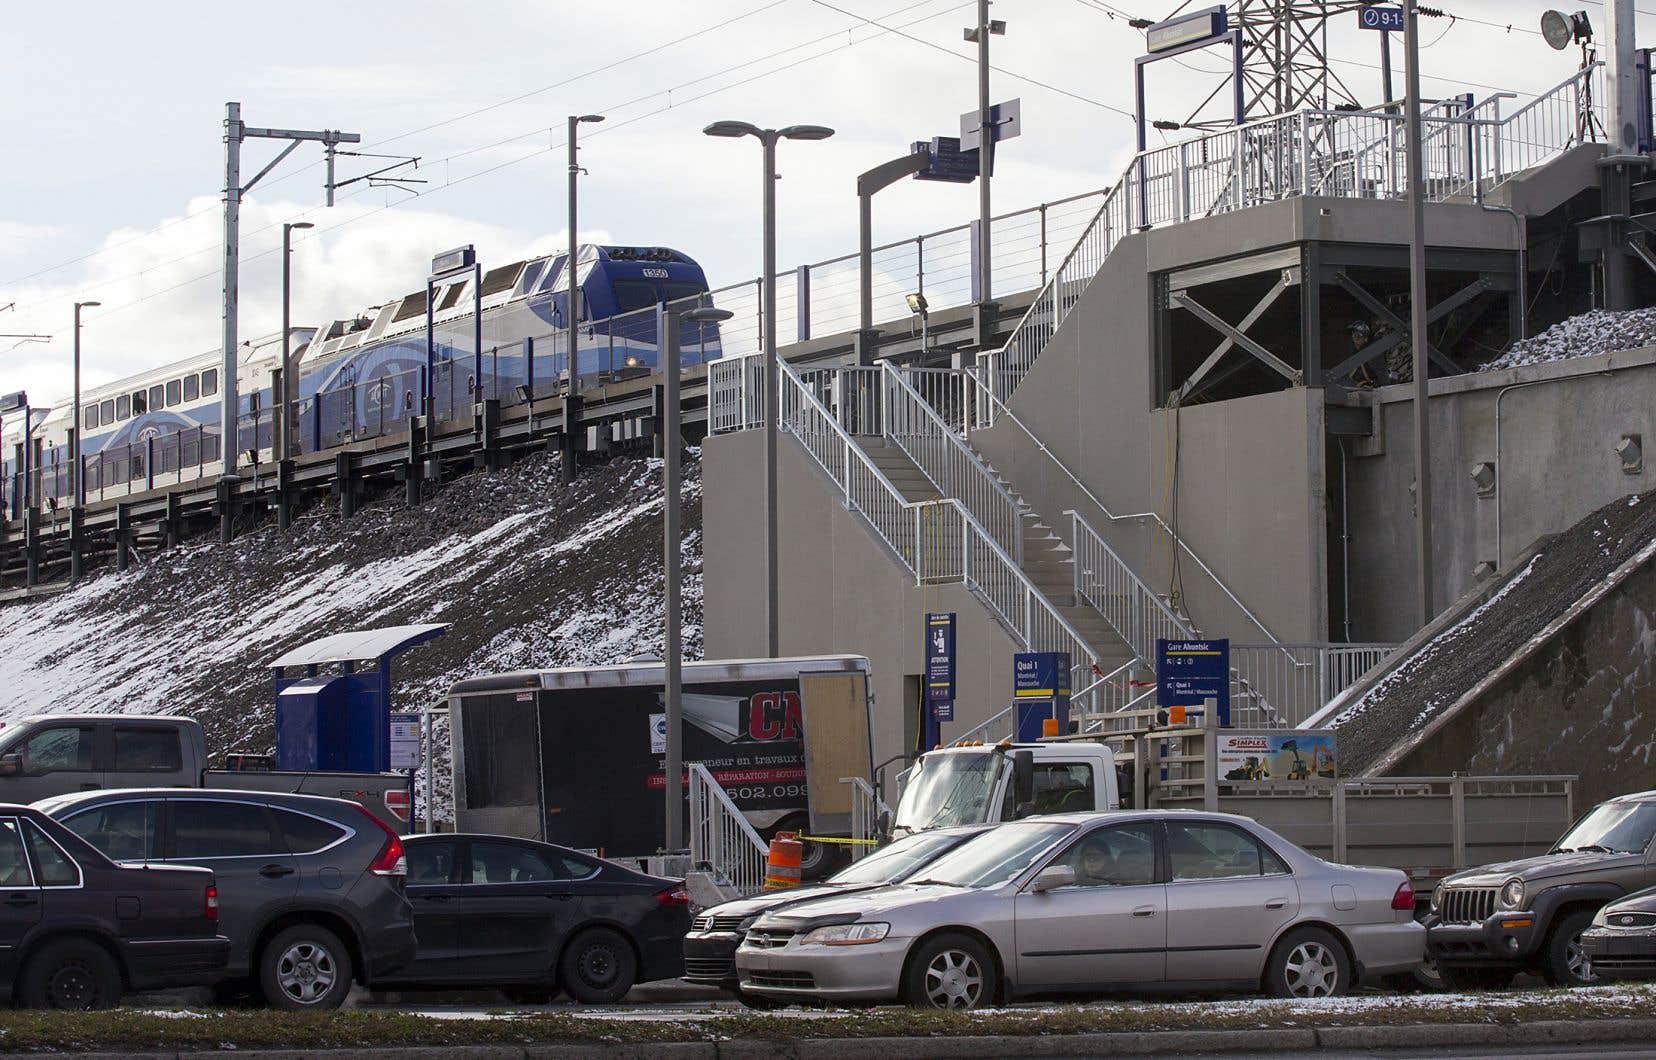 Au Québec, des centaines de milliers de travailleurs quittent tous les jours la banlieue pour aller travailler en ville. Ils sont plus de 385000 qui convergent vers les zones d'emplois à Montréal.